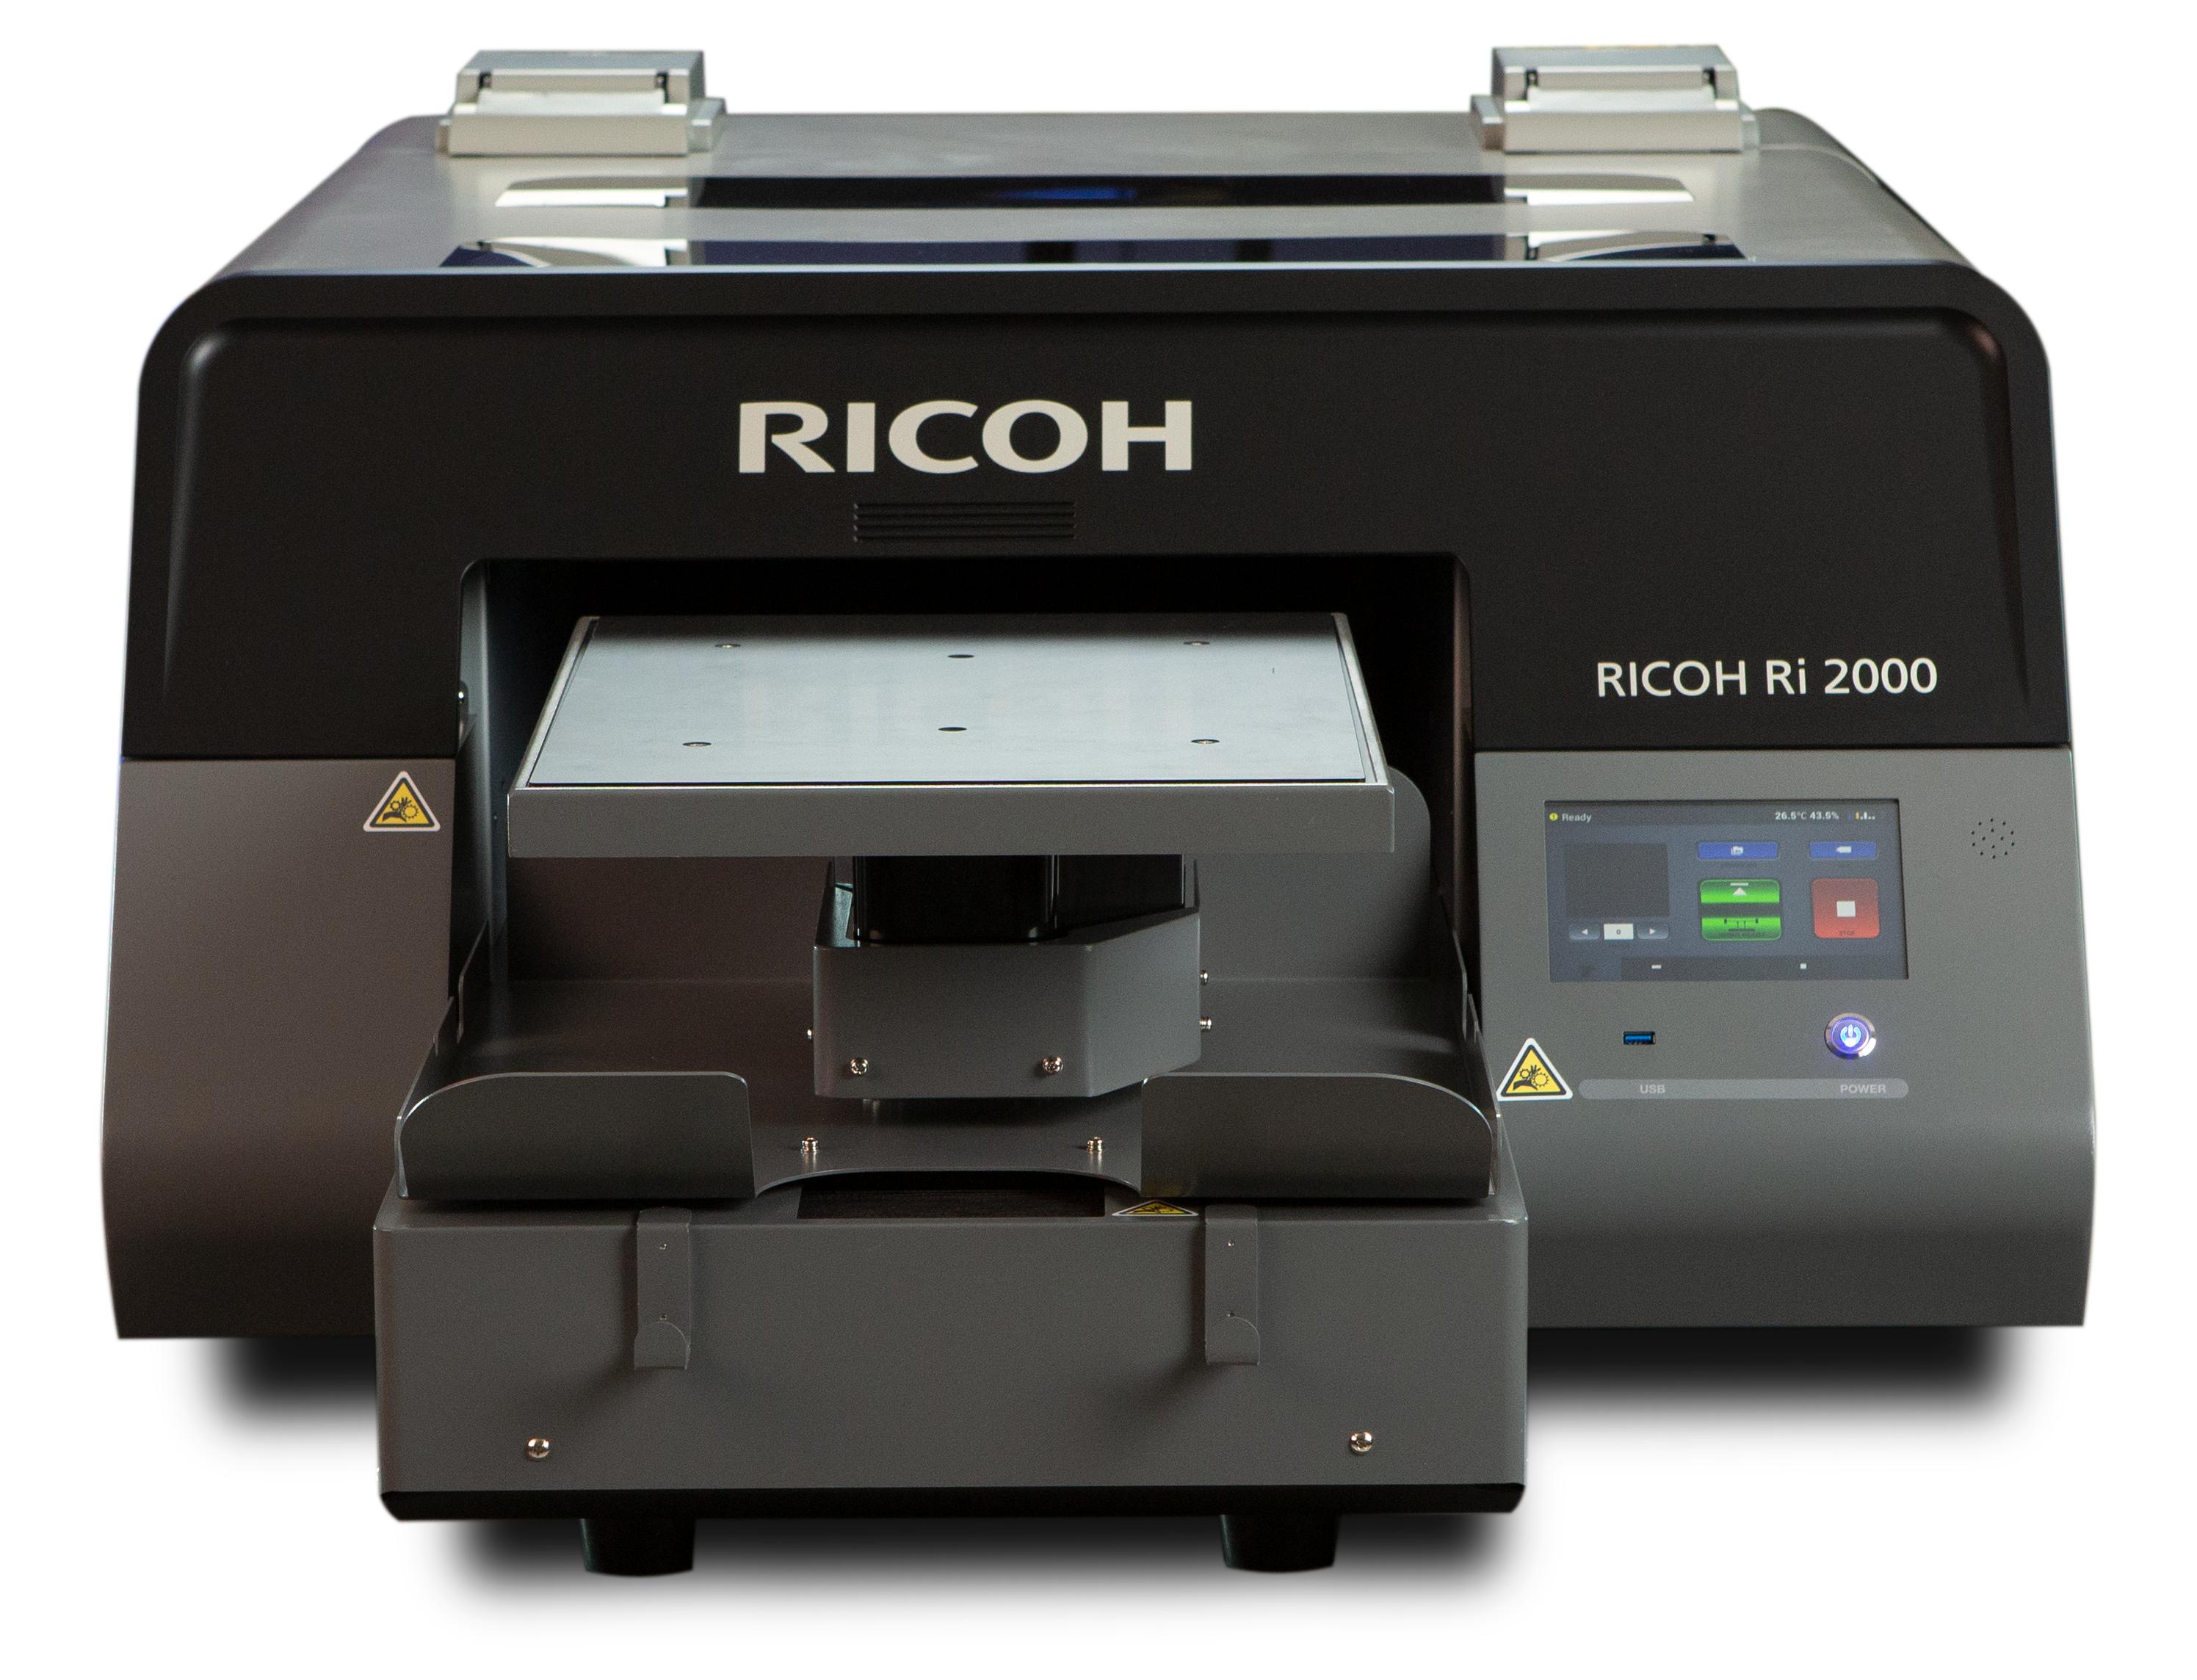 Ri 2000 предназначен для динамично развивающегося рынка персонализированной печати на текстиле.